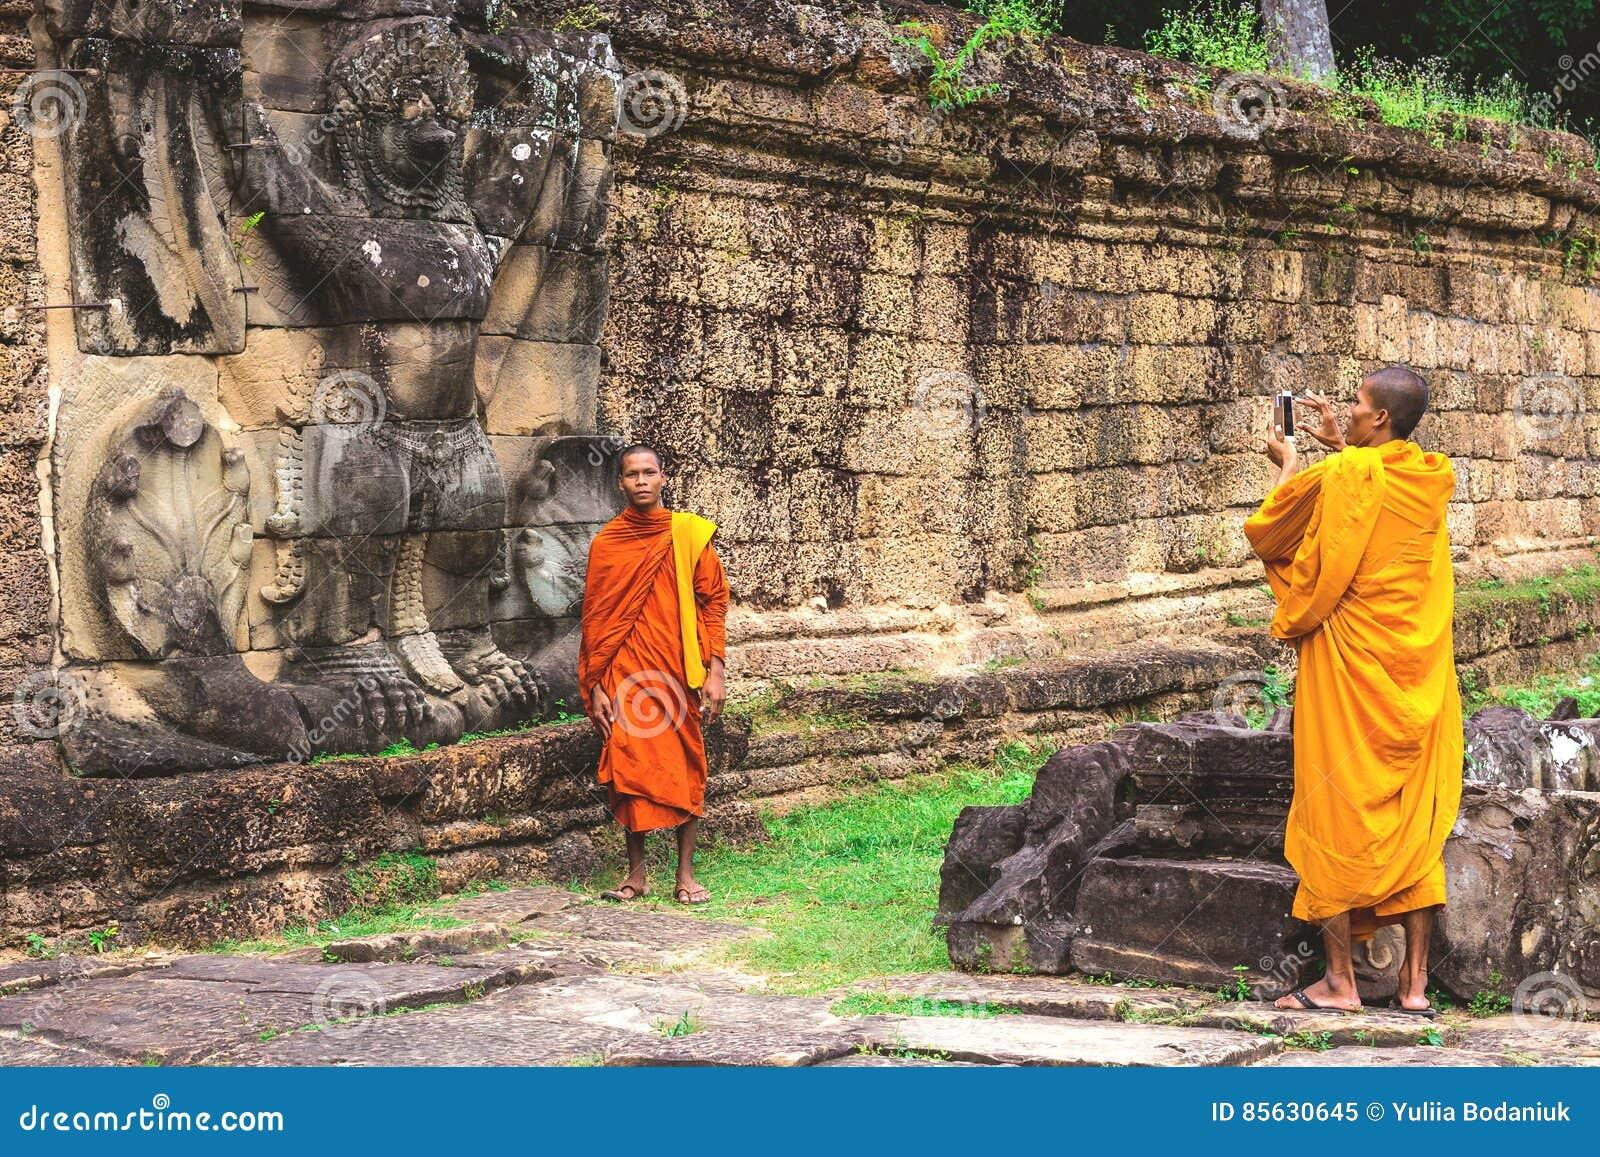 Preah Khan Temple, monges de Buddist que fazem imagens